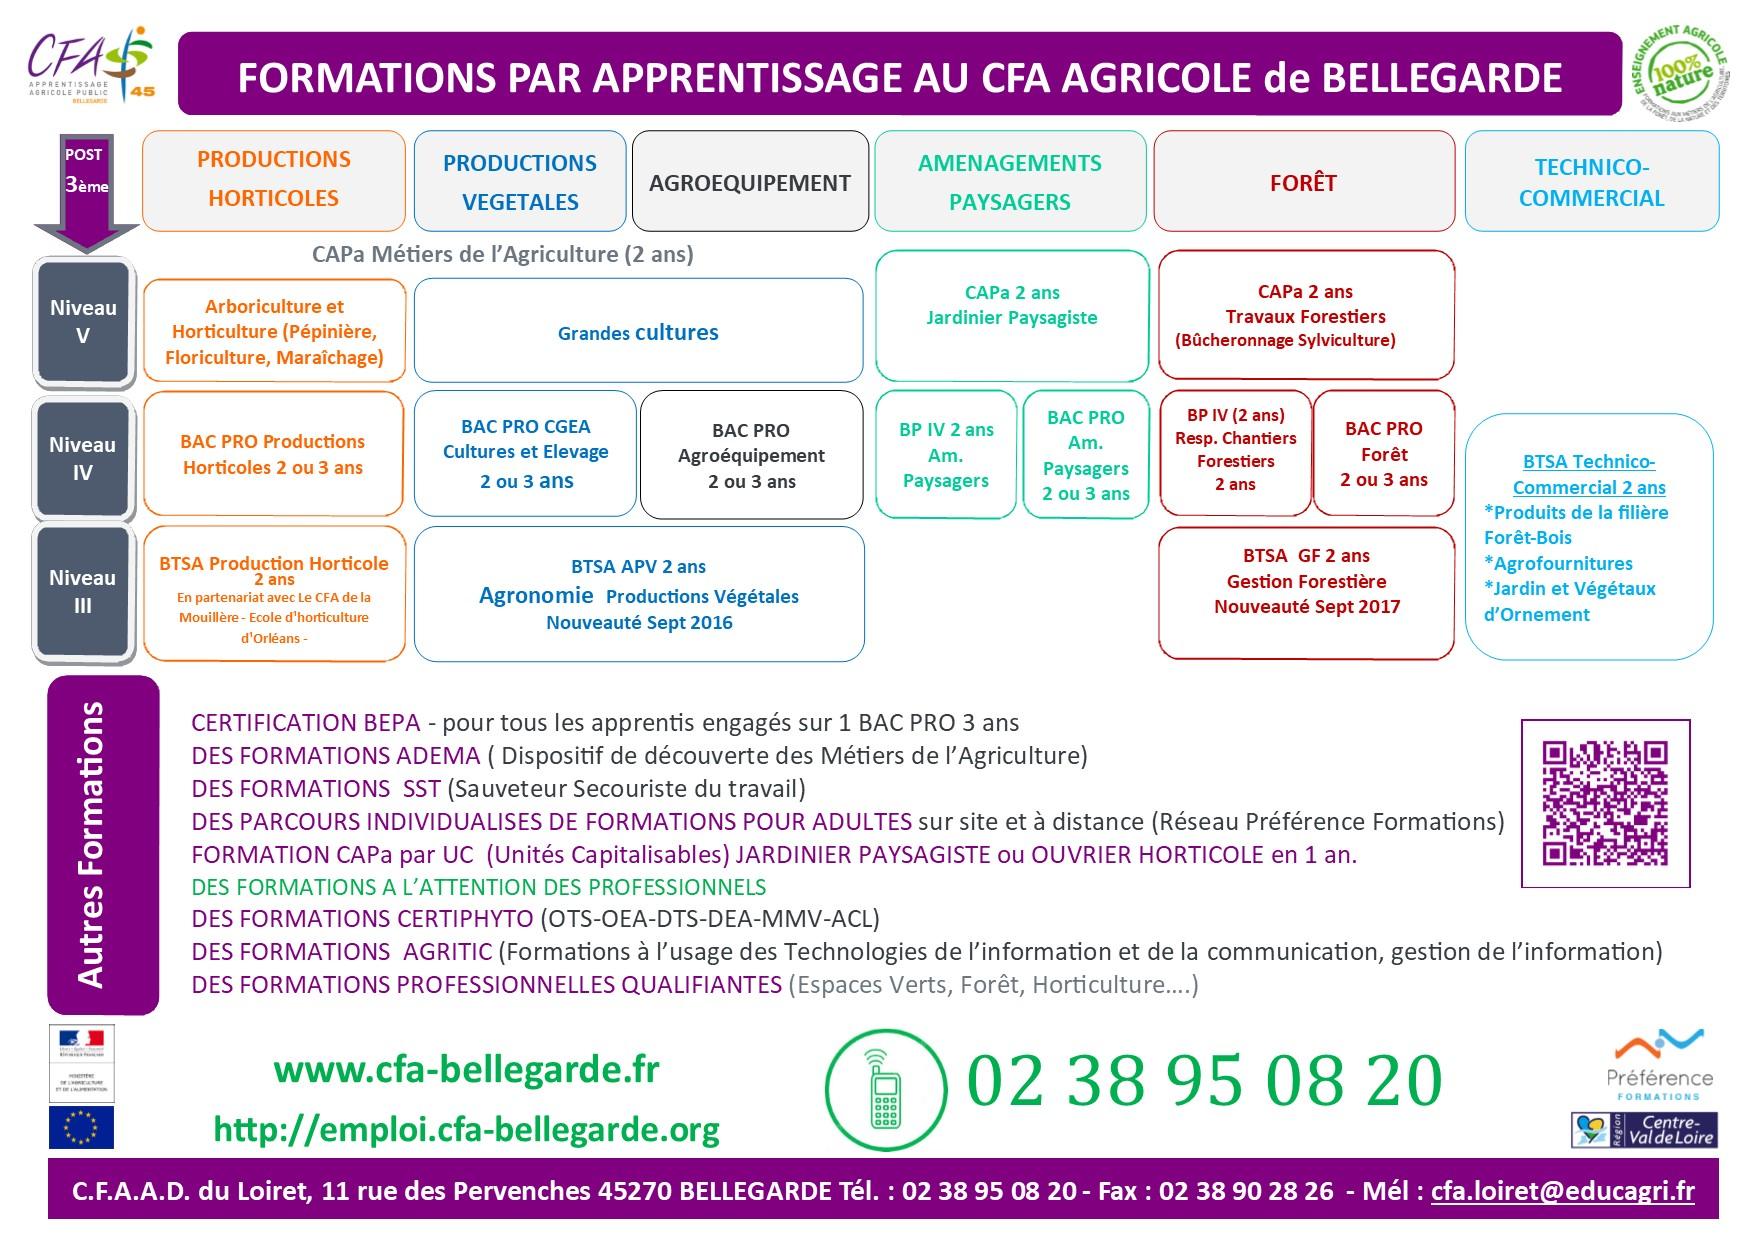 Calendrier Cfa 2020 2019.Formations Du Cfa De Bellegarde 45